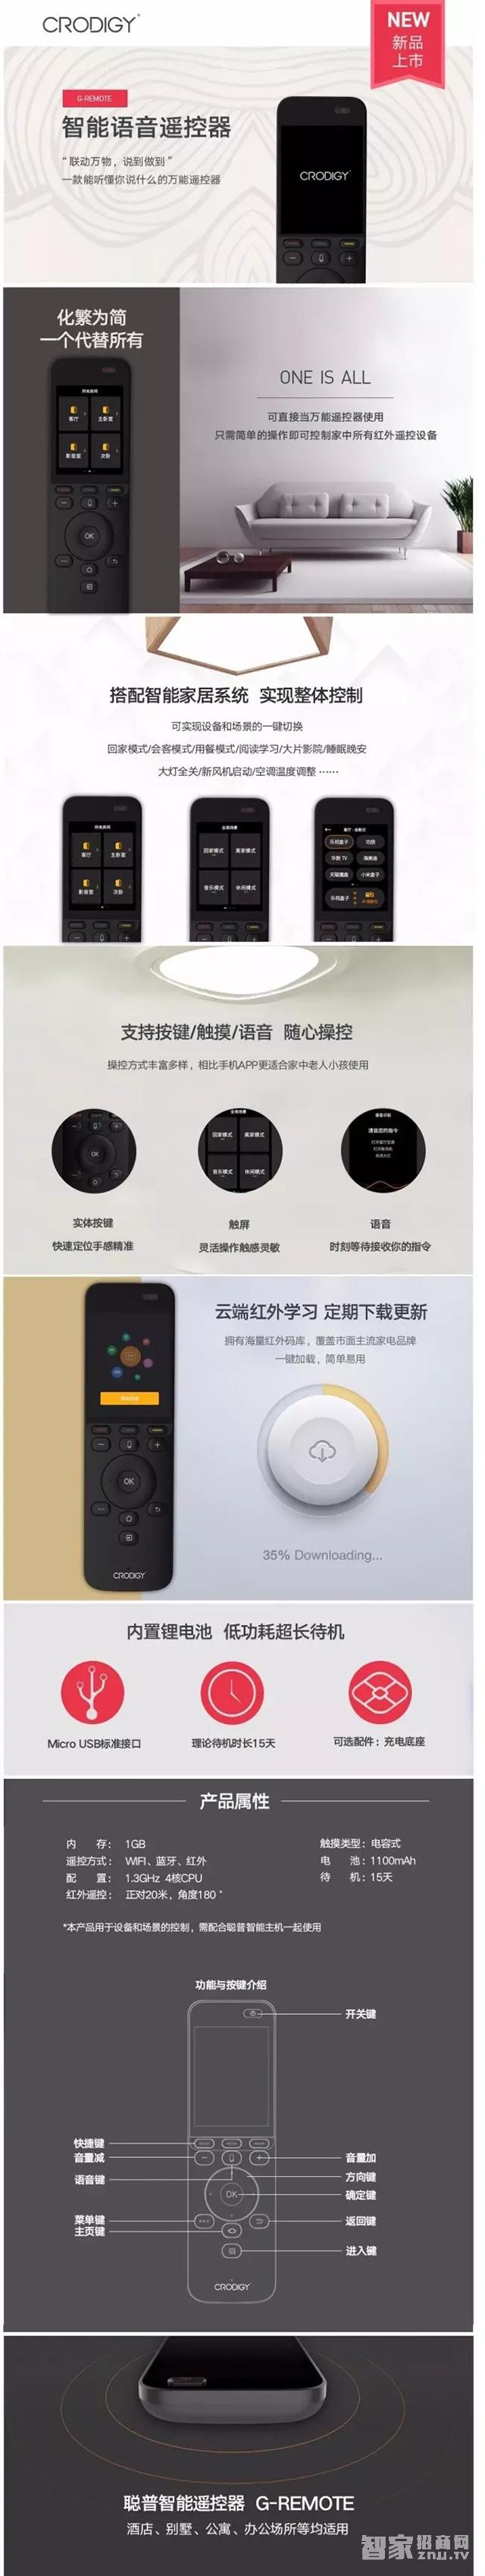 聪普发布新品智能语音遥控器!